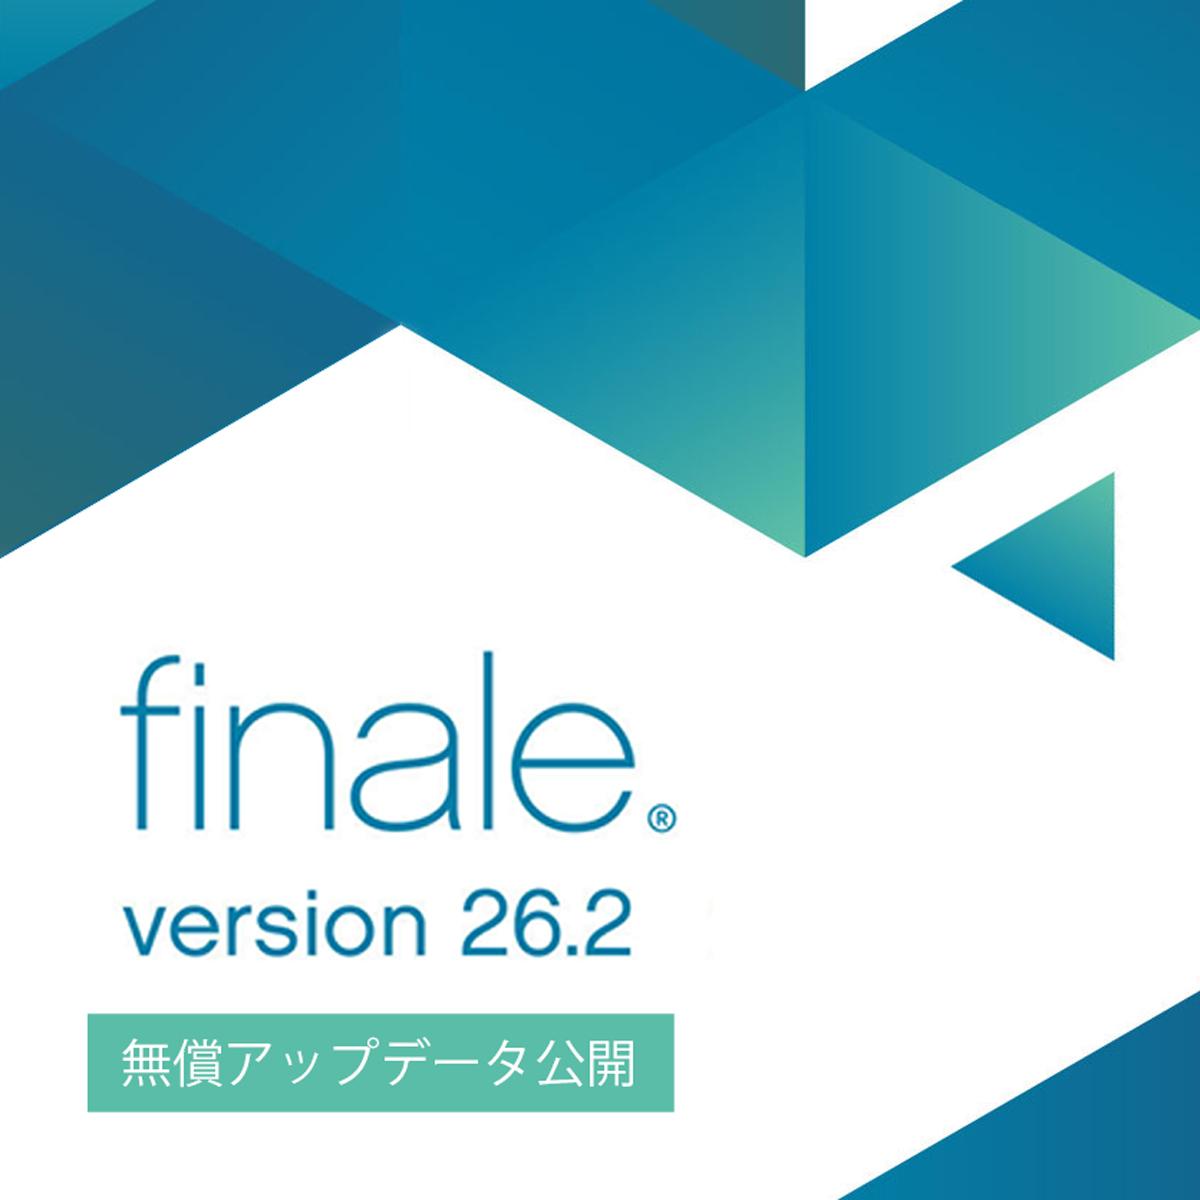 バージョン26.2アップデータ公開